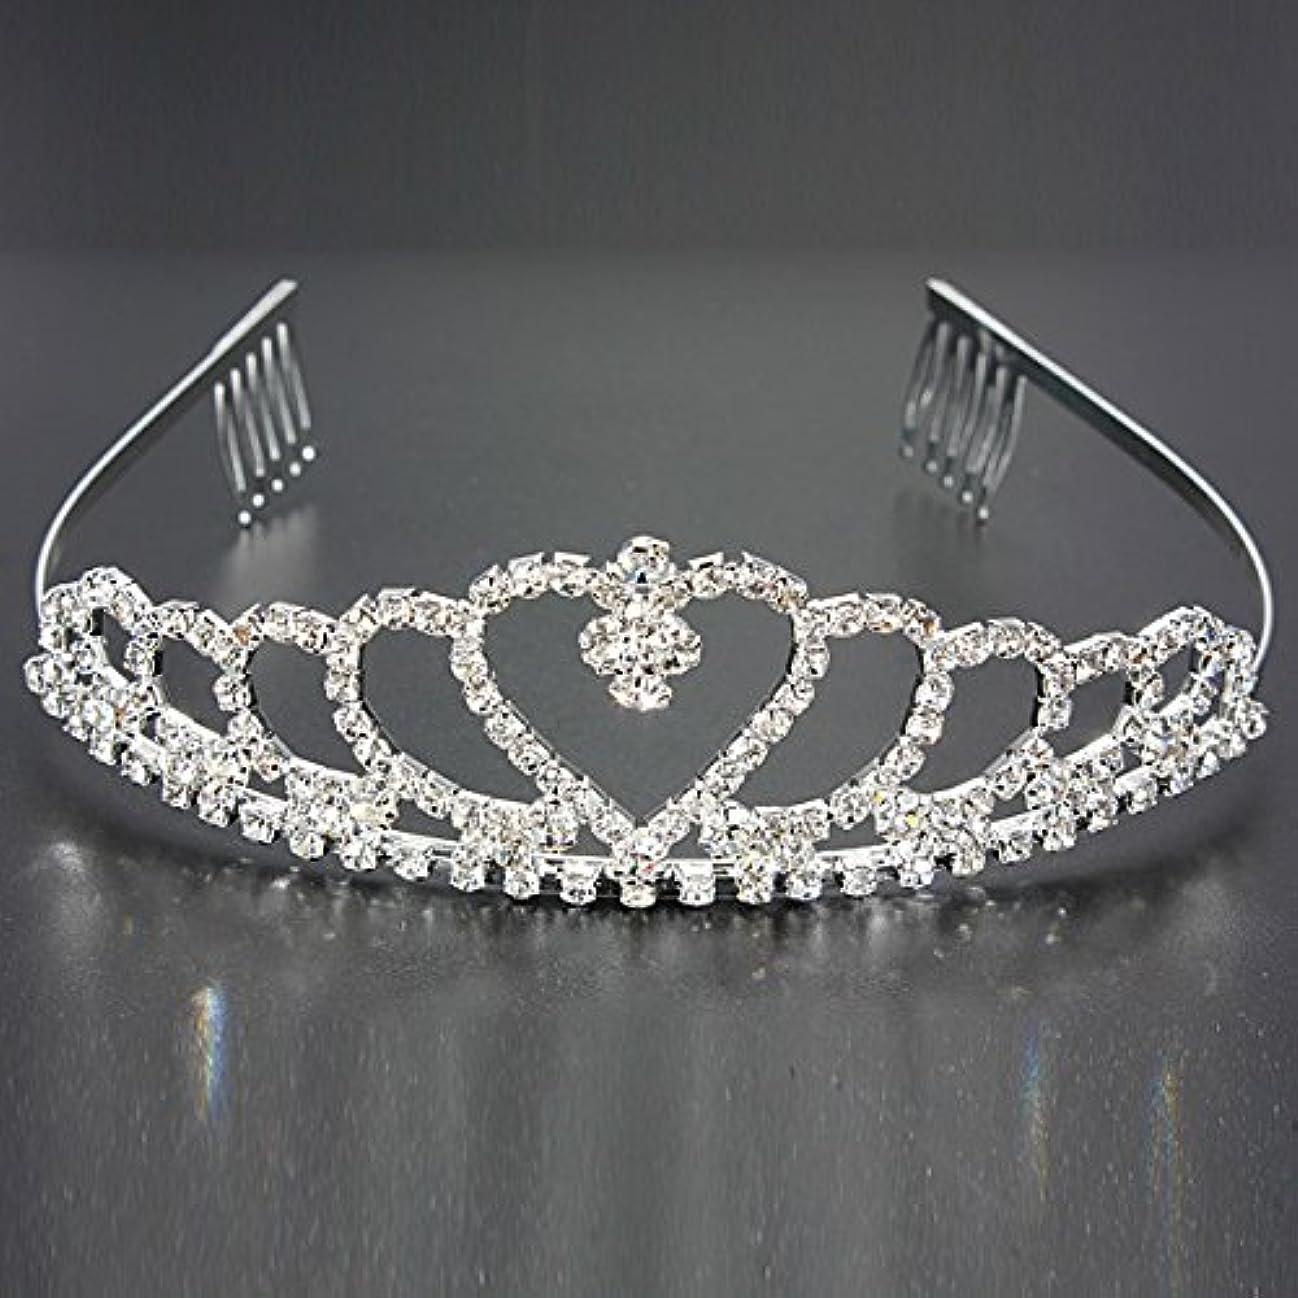 贅沢な文句を言う困惑YZUEYT 結婚式の花嫁のクリスタルのラインストーンハート型クラウンの髪ティアラ YZUEYT (Size : One size)